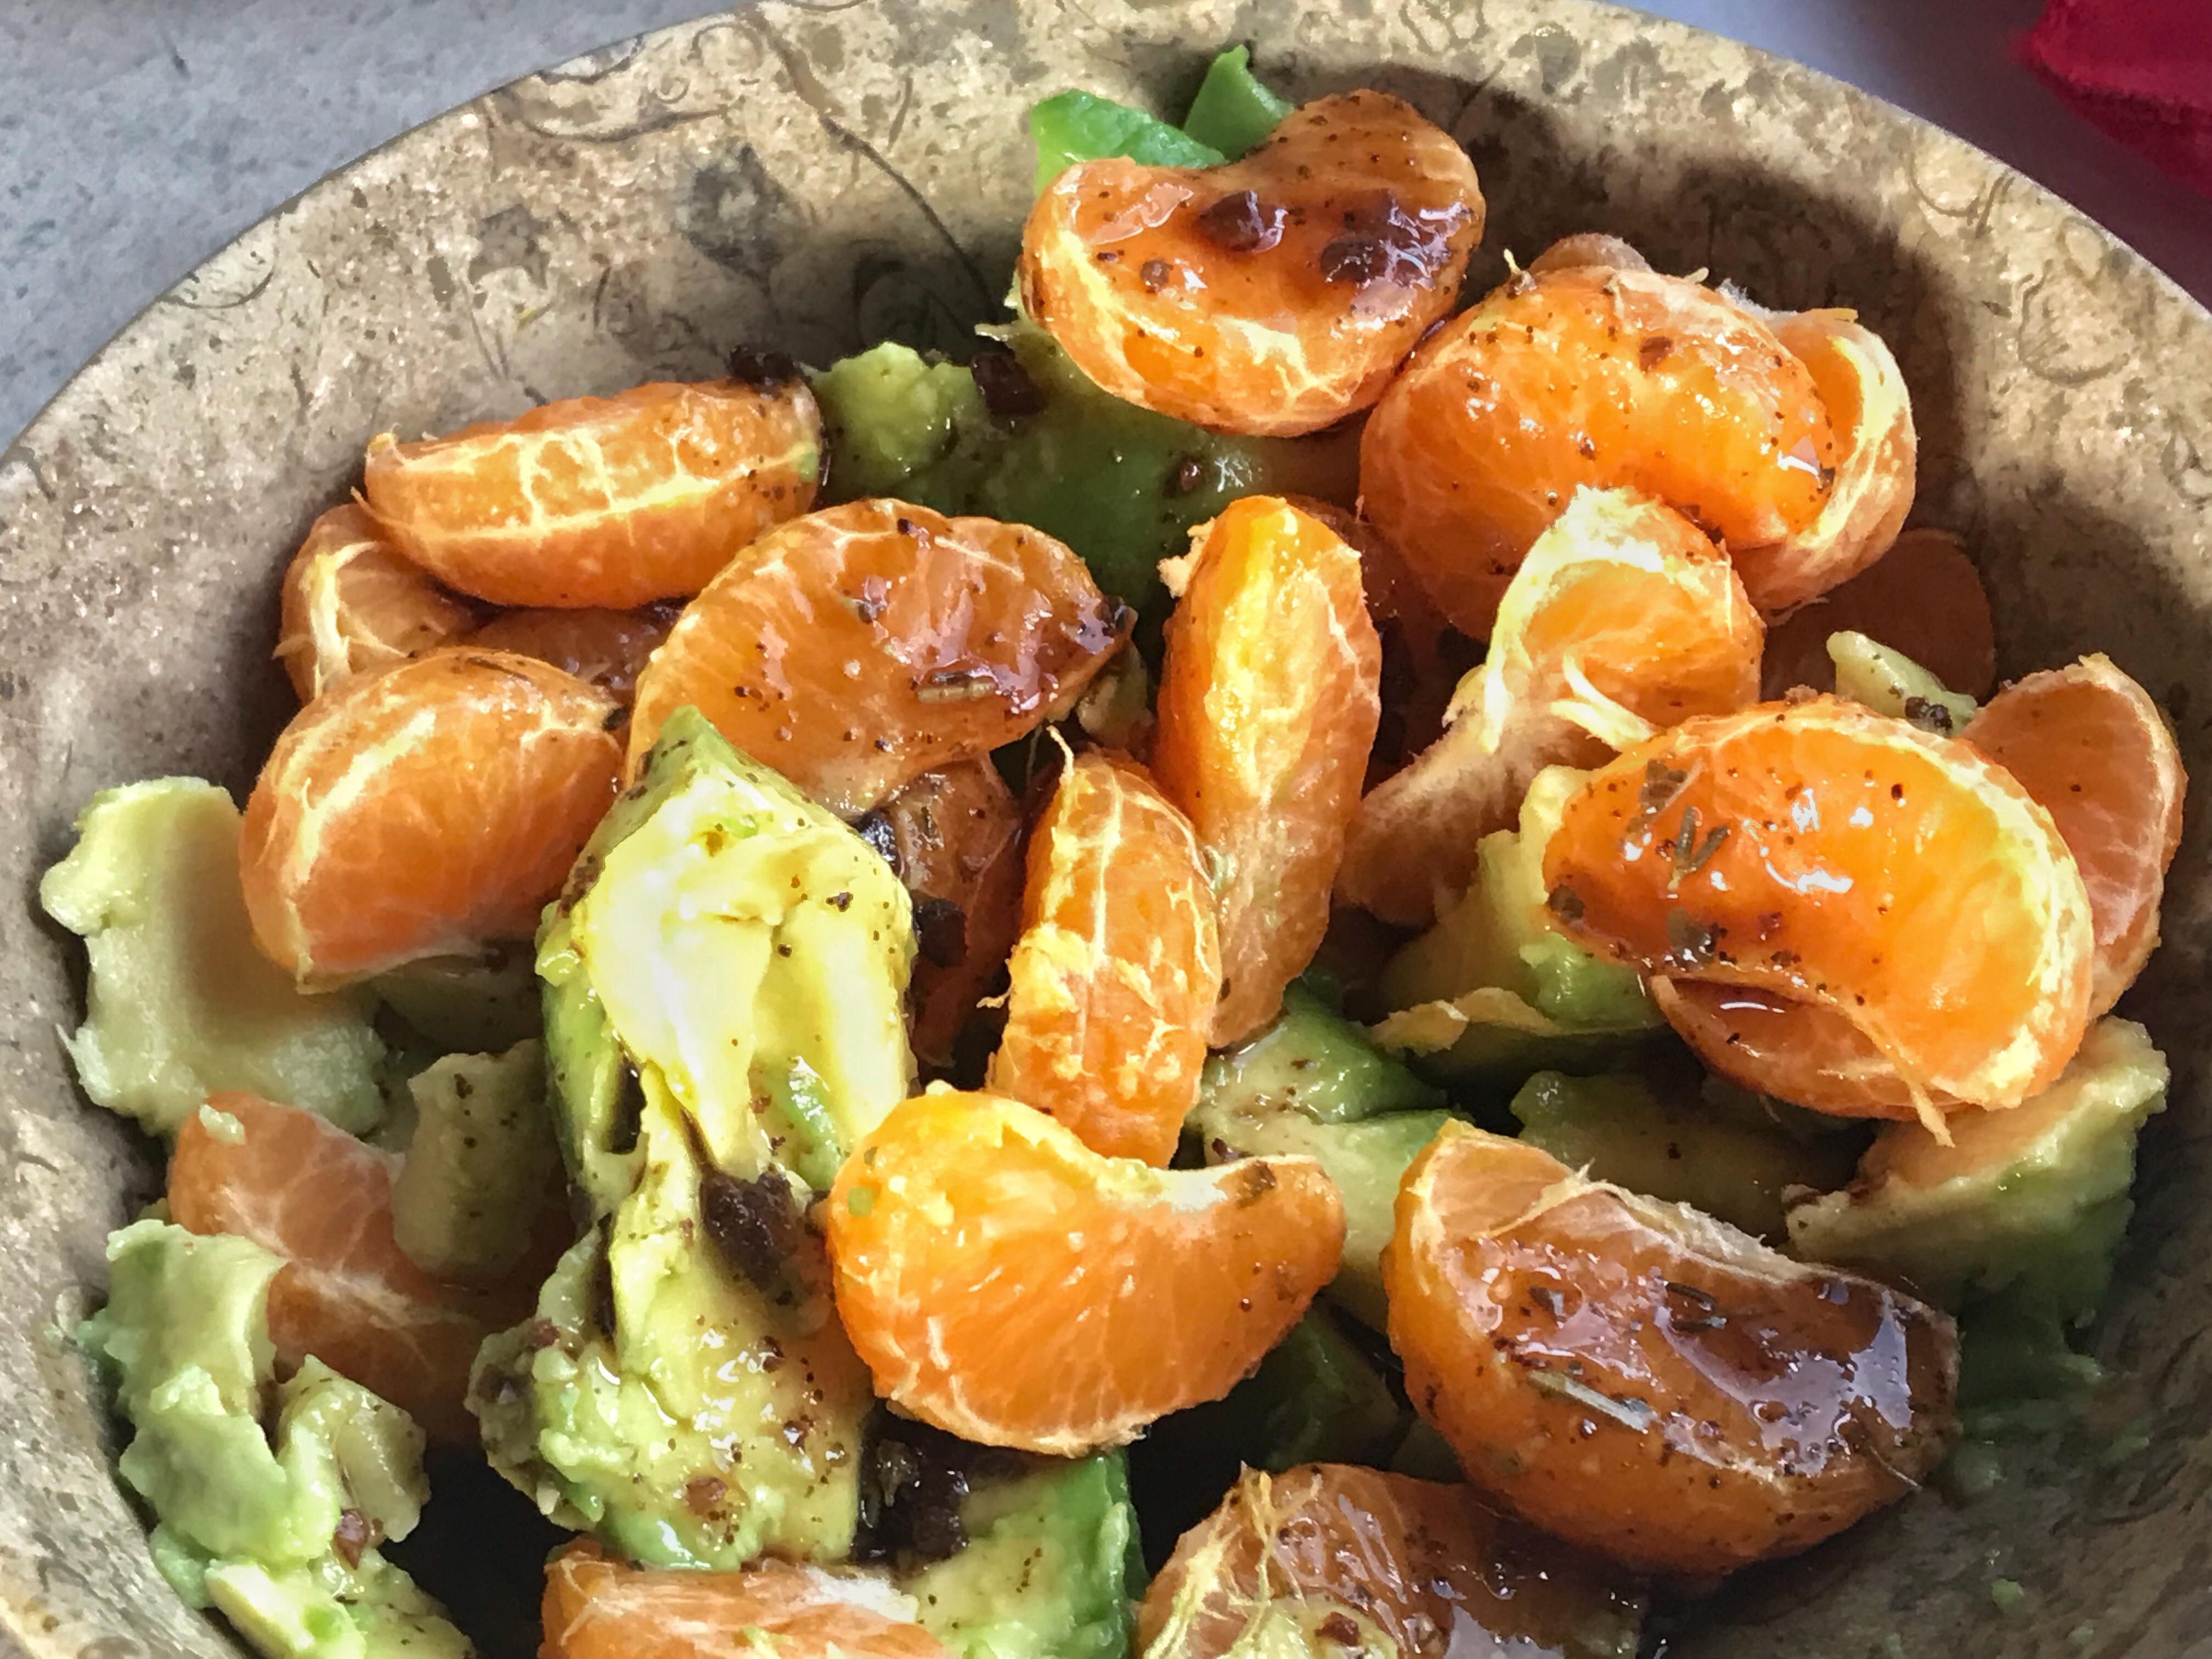 Mandarins and avocado tossed in basaltic vinaigrette.